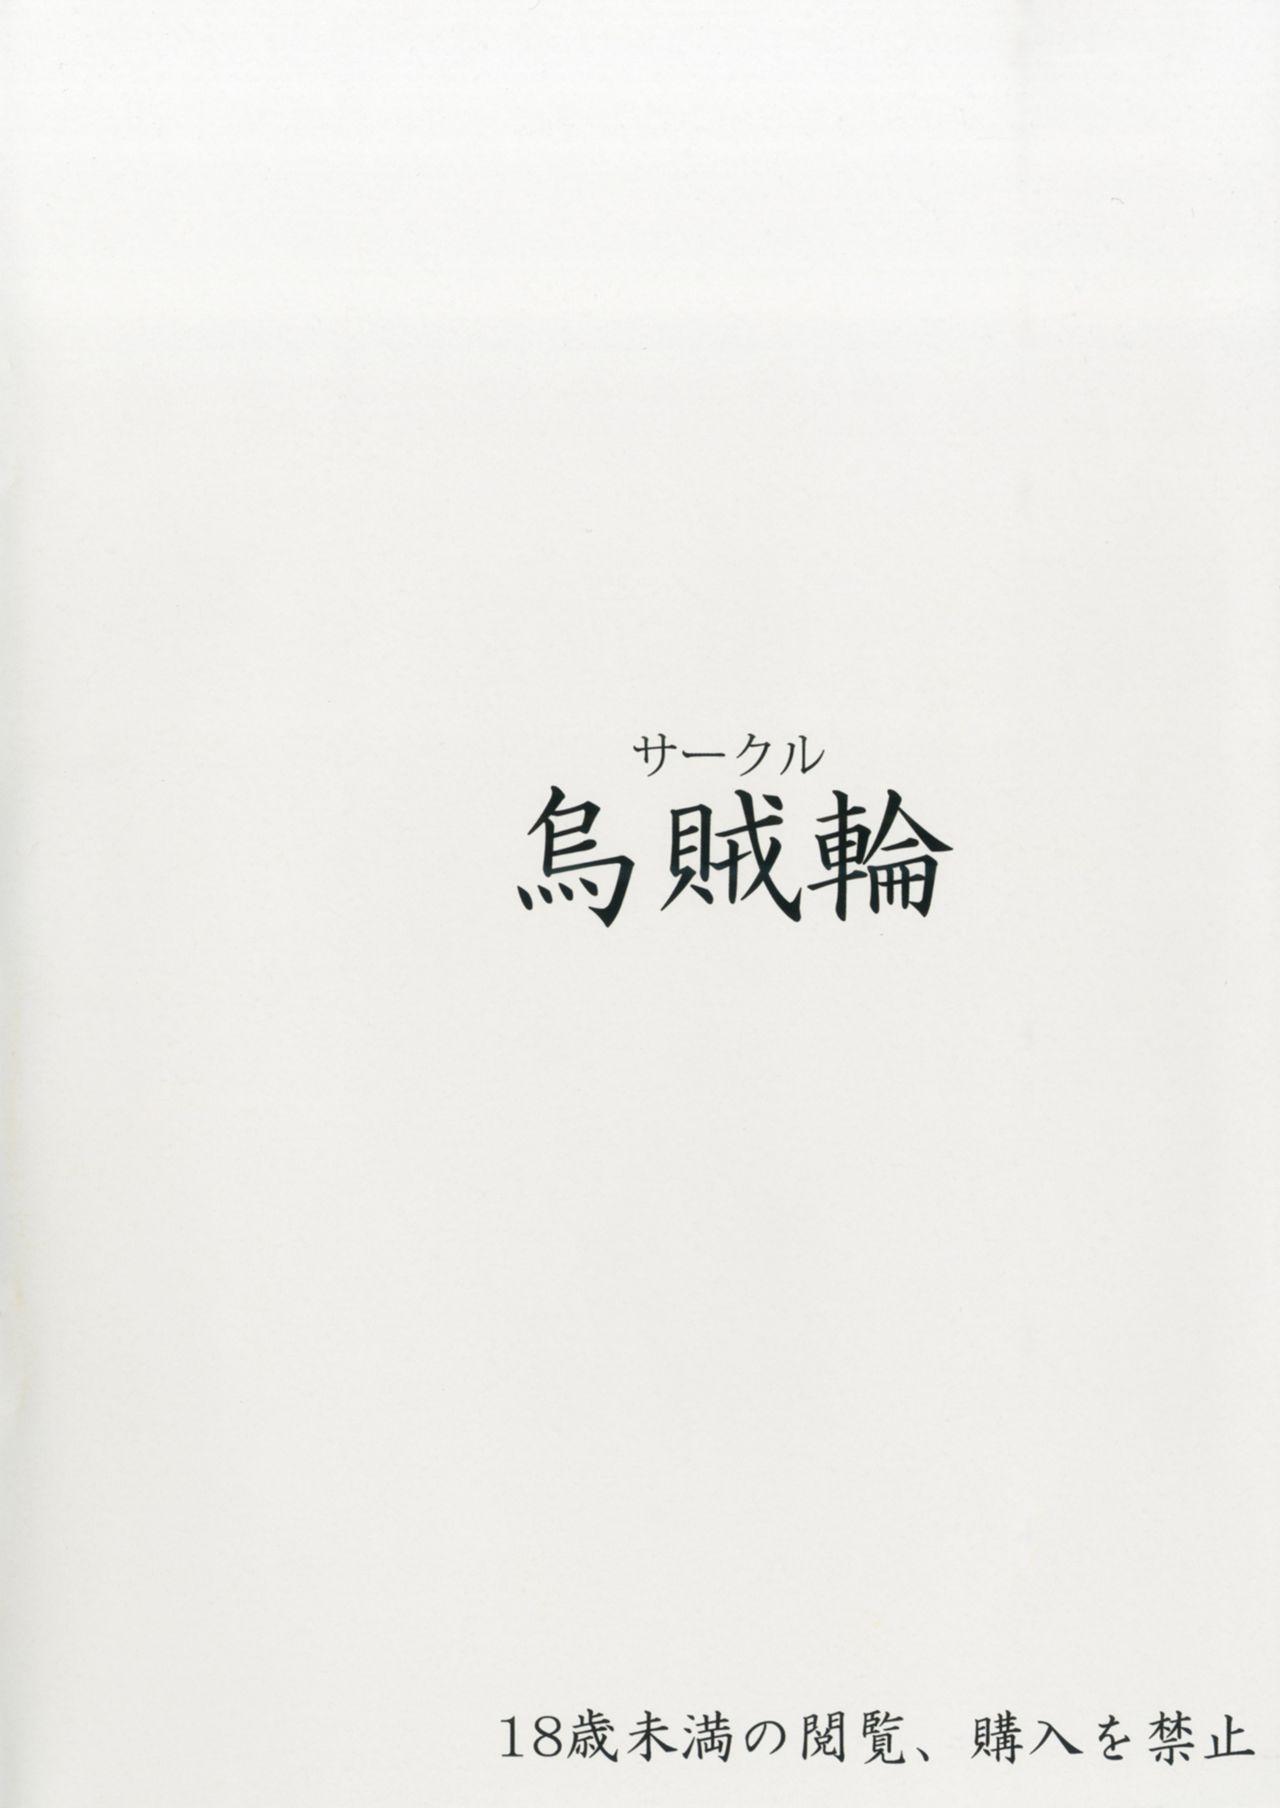 Akane-chan no Koukai Jikkyou de H na Batsu Game o Shite Mita. 15